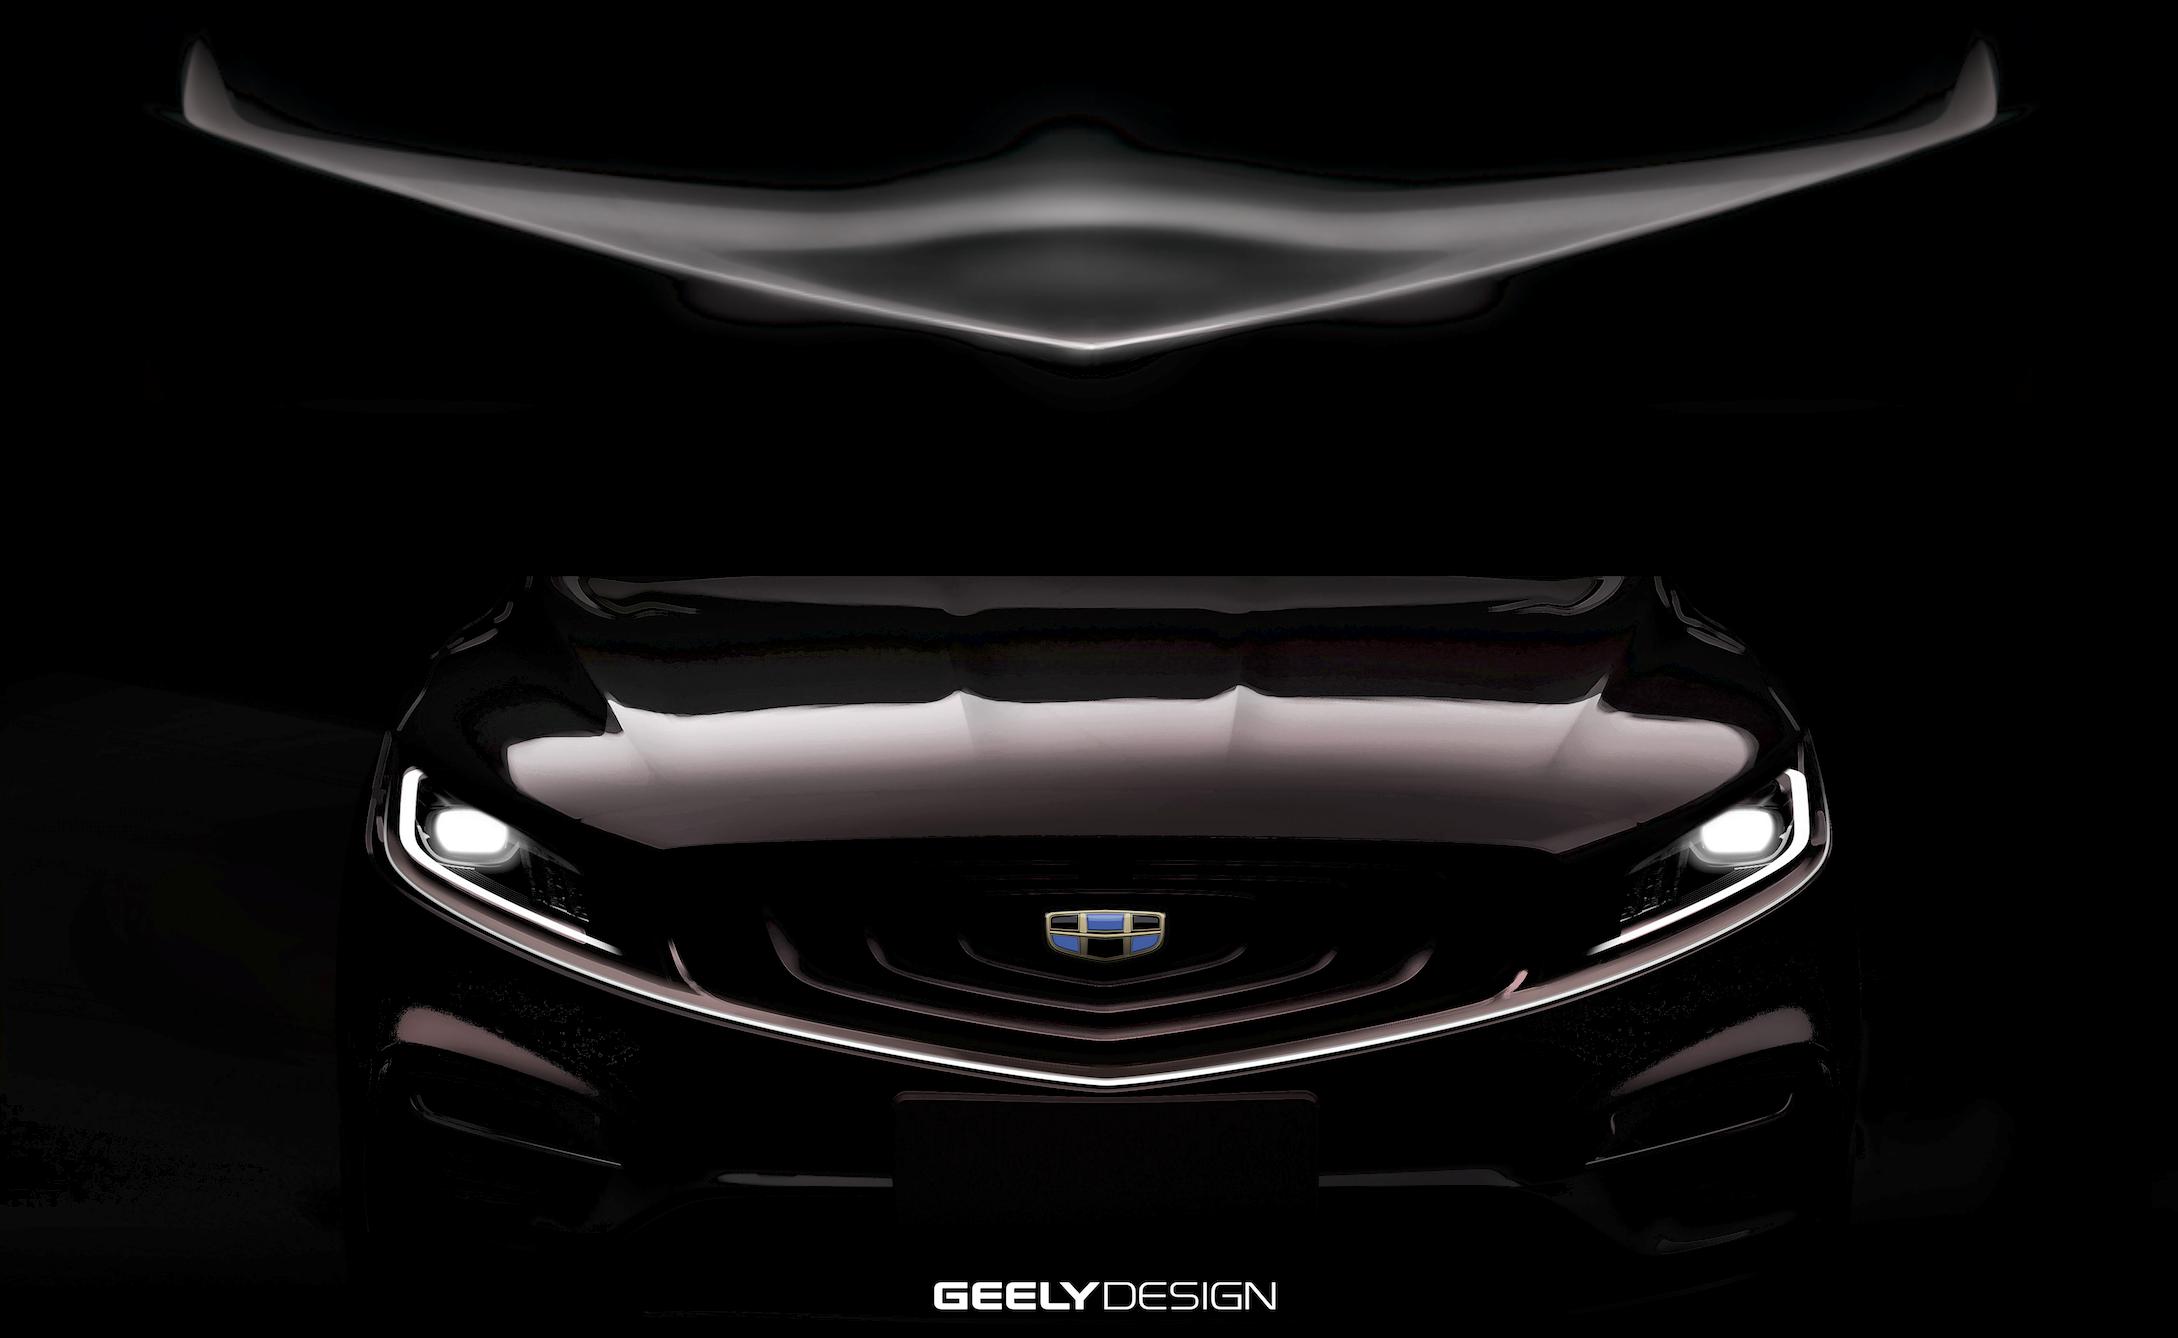 以飞行器为灵感,吉利全新混动旗舰K车型设计图曝光